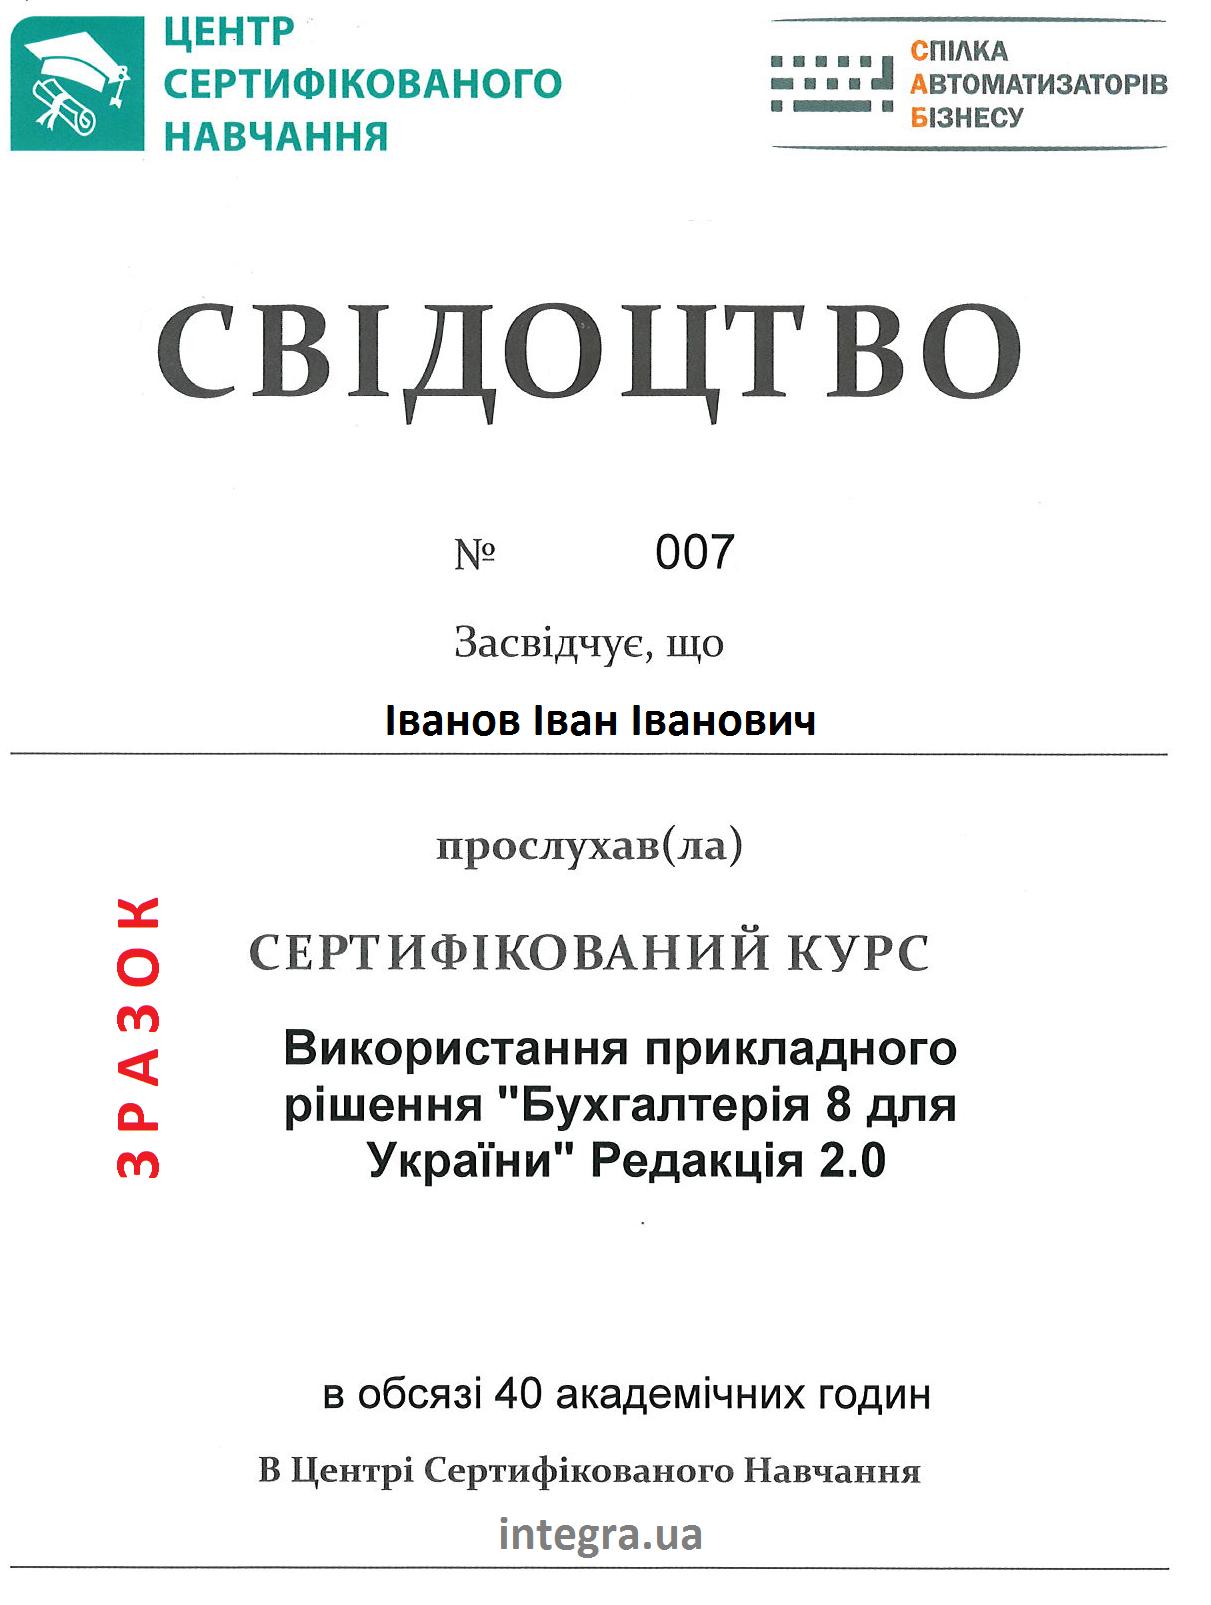 Свідоцтво про прослуховаування курсу: Застосування програми Бухгалтерія 8. Редакція 2.0